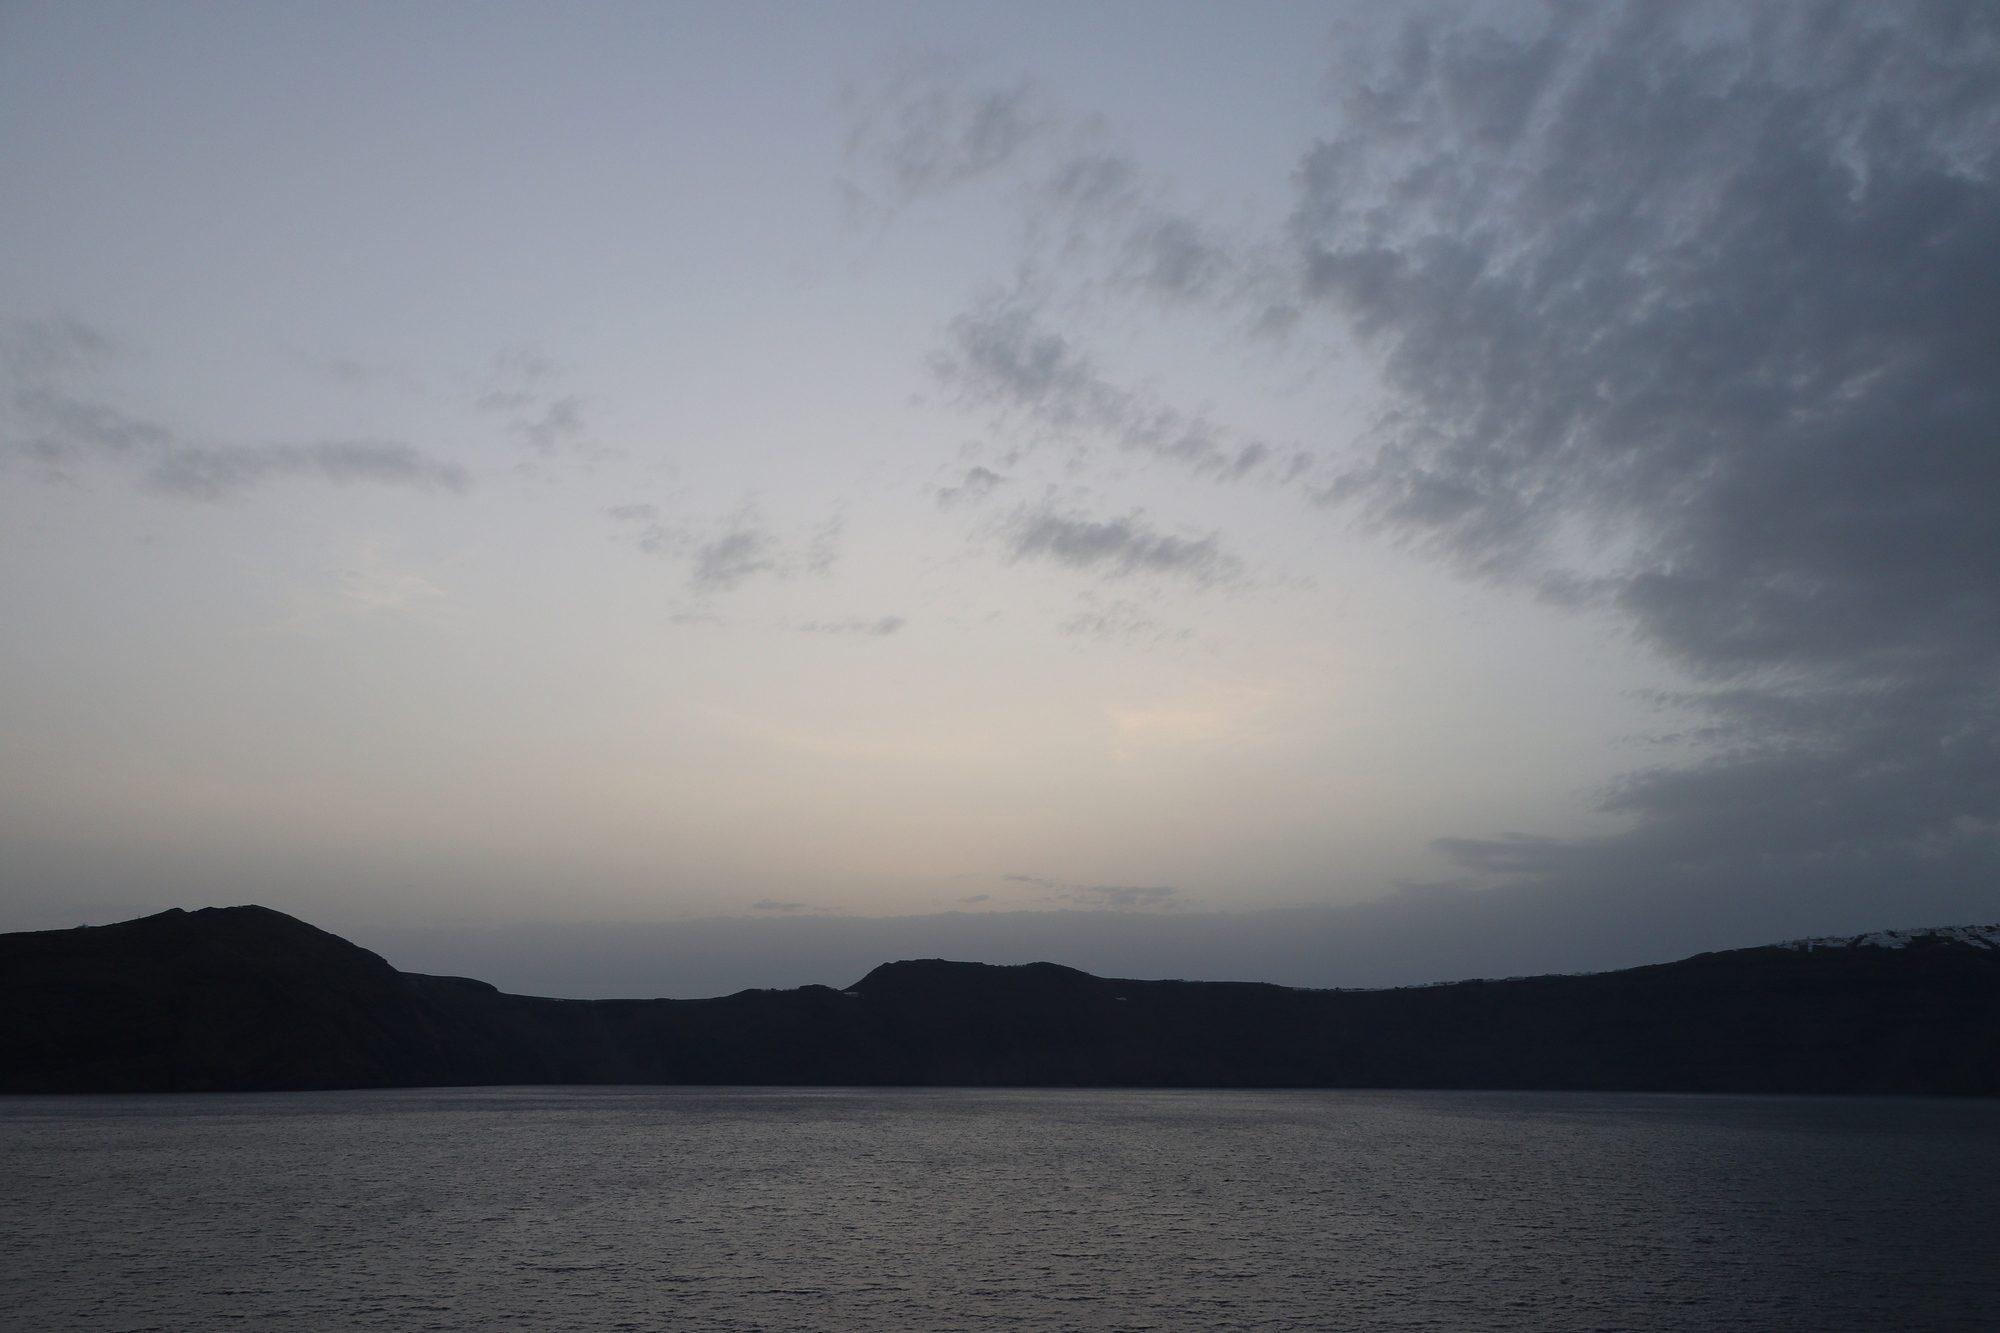 Einfahrt in die Caldera von Santorin zu Sonnenaufgang